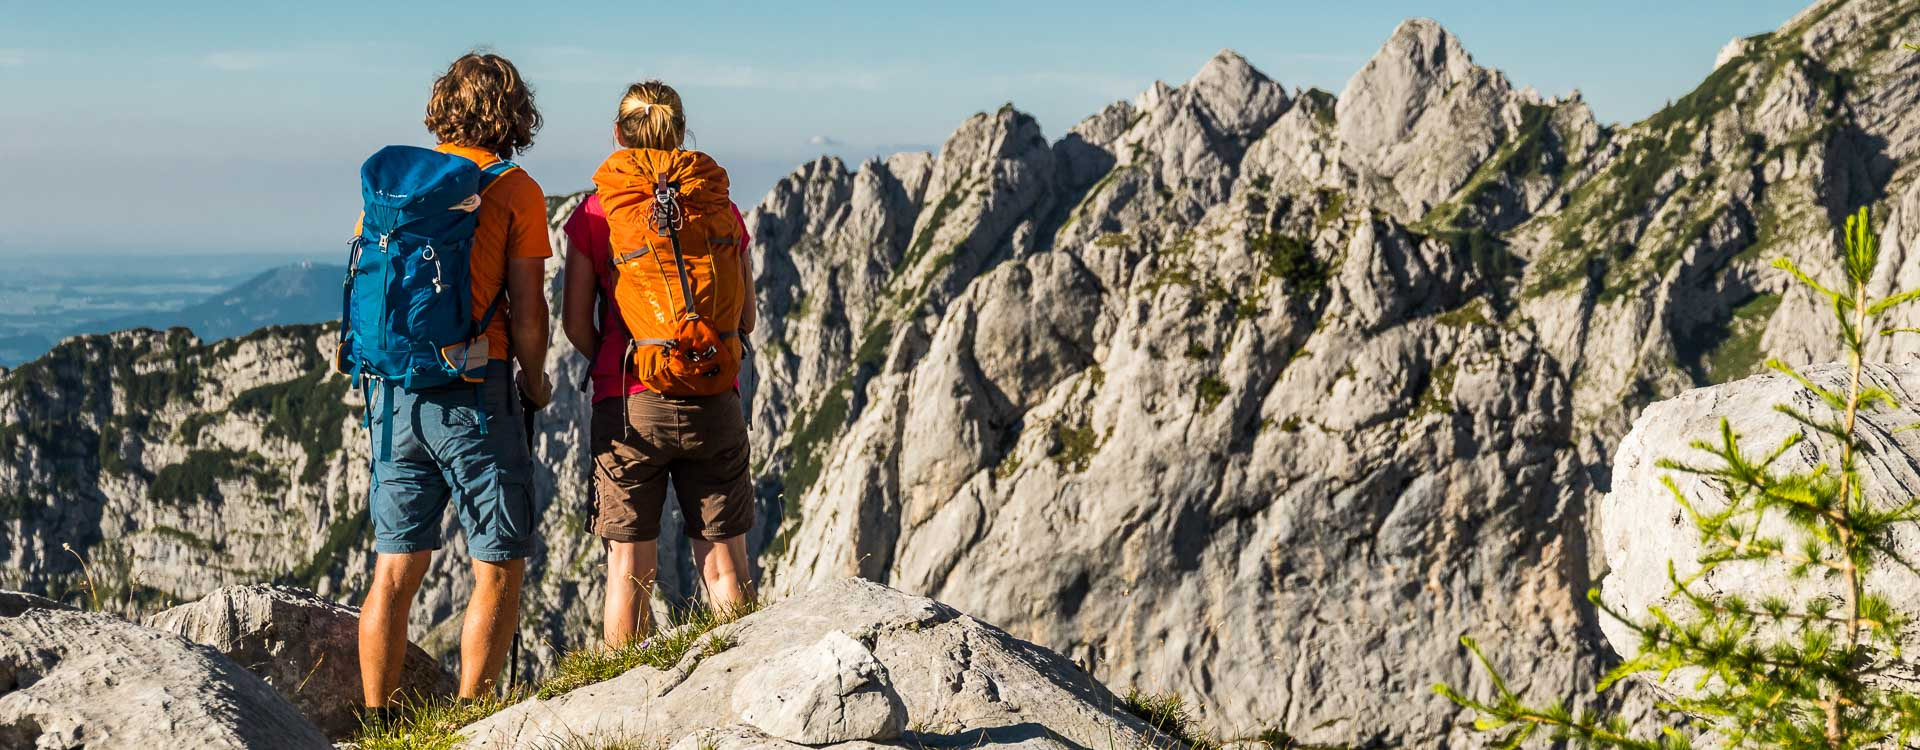 Wandern auf den hohen Goell in Berchtesgaden mit Fuehrer